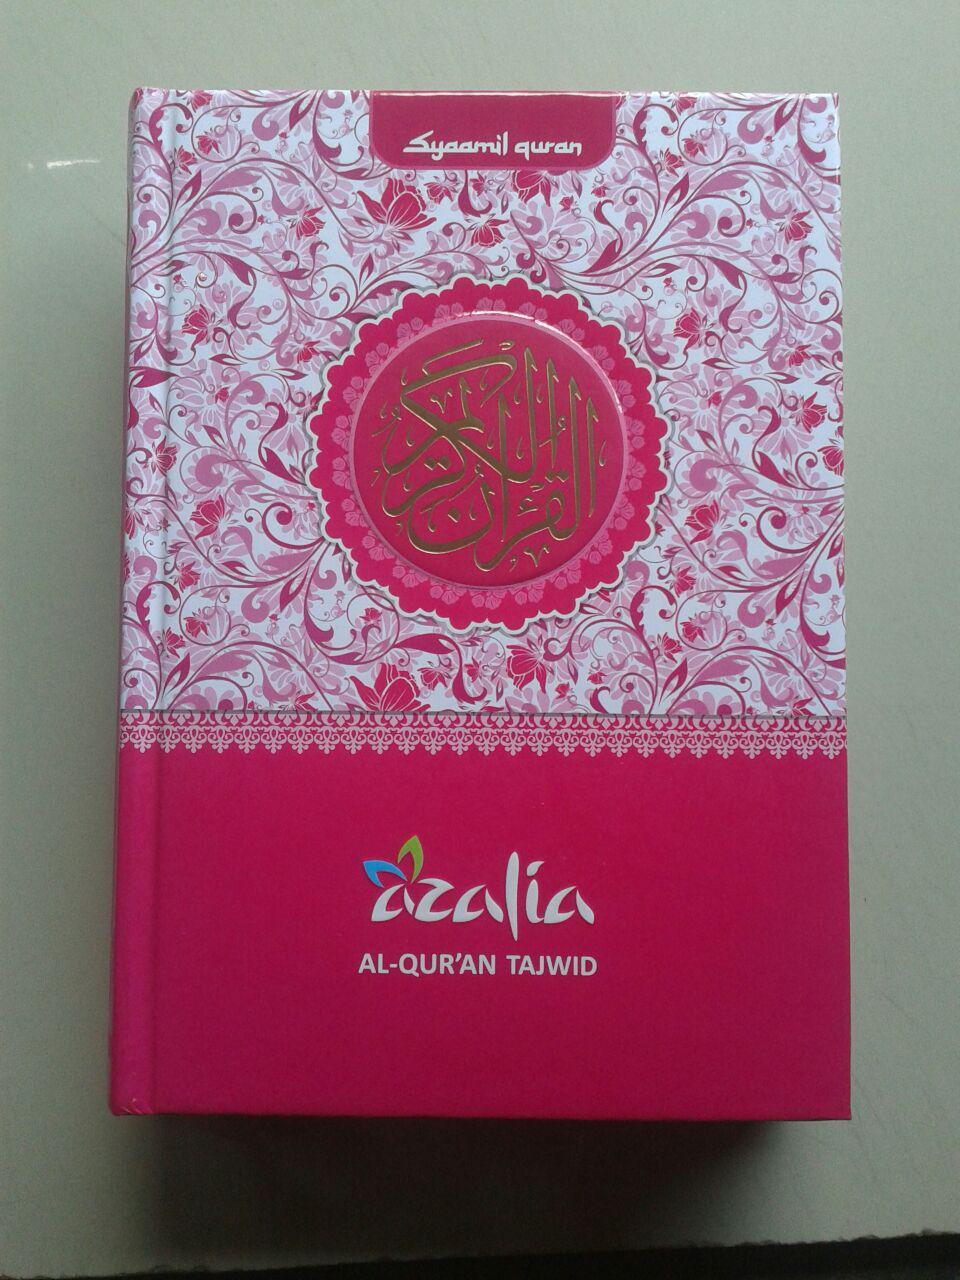 Al-Qur'an Mushaf Tajwid Azalia Dilengkapi Asbabun Nuzul Fadhilah Ayat cover